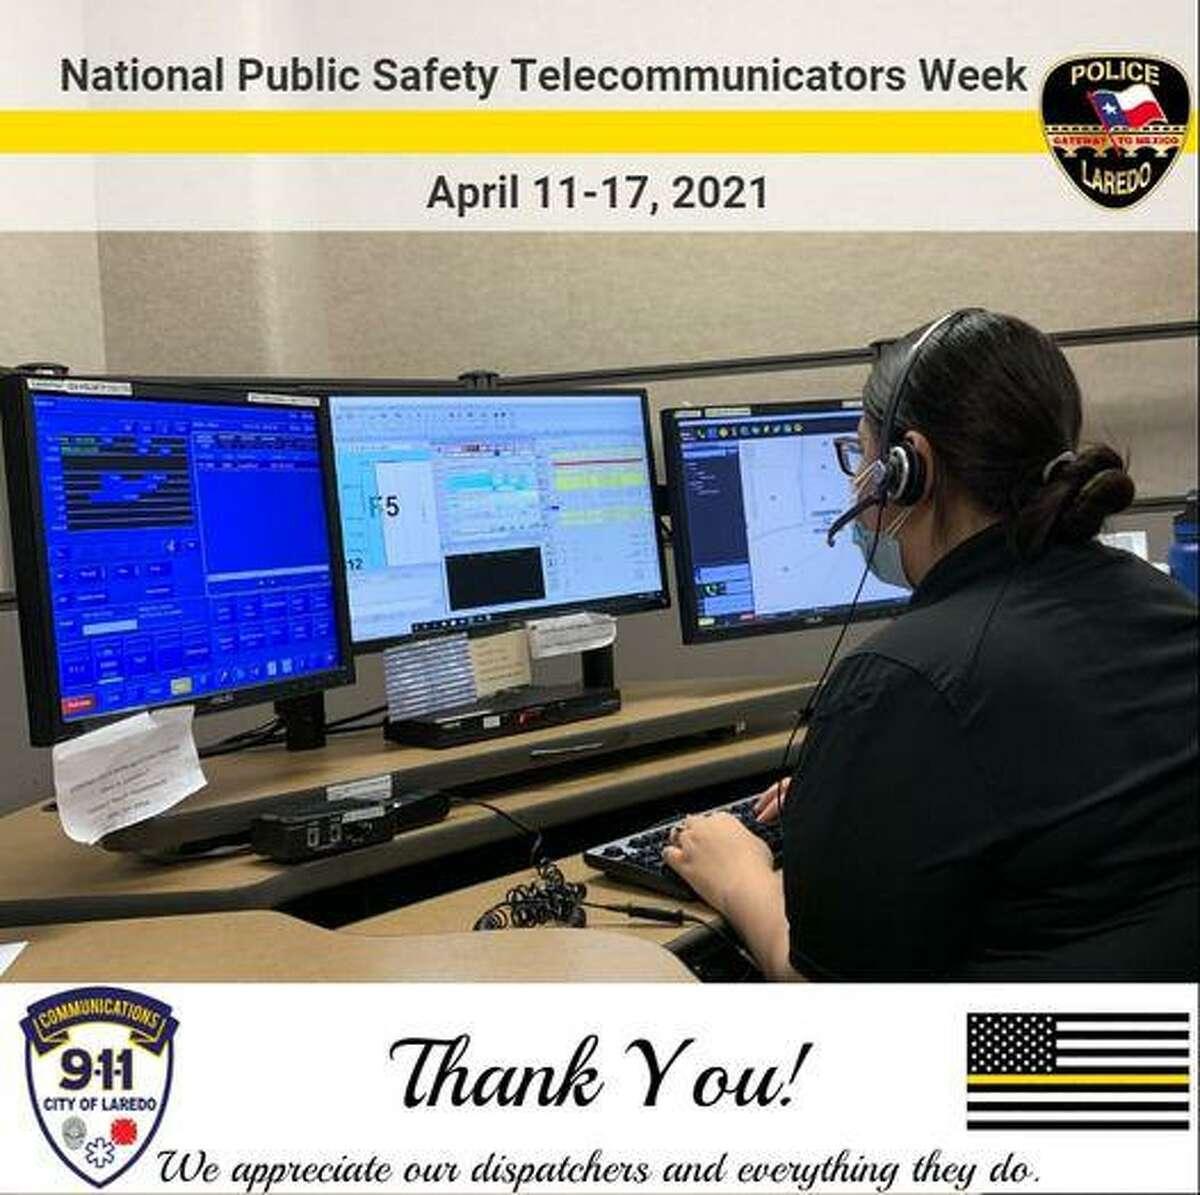 El Departamento de Policía de Laredo agradeció el trabajo de los telecomunicadores en el marco de la Semana Nacional de Telecomunicadores que se celebra año con año la segunda semana de abril.